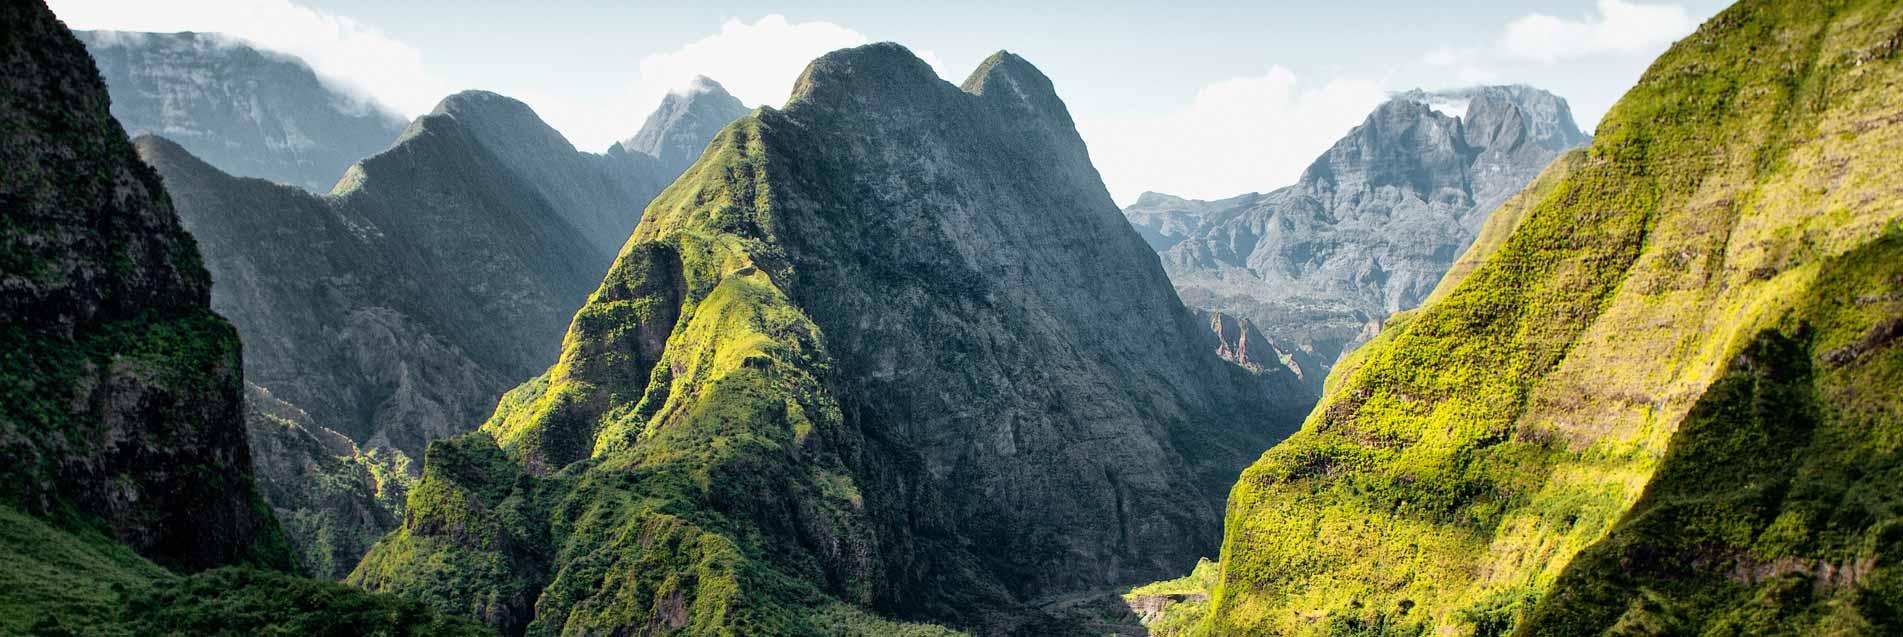 Réunion Island Tours